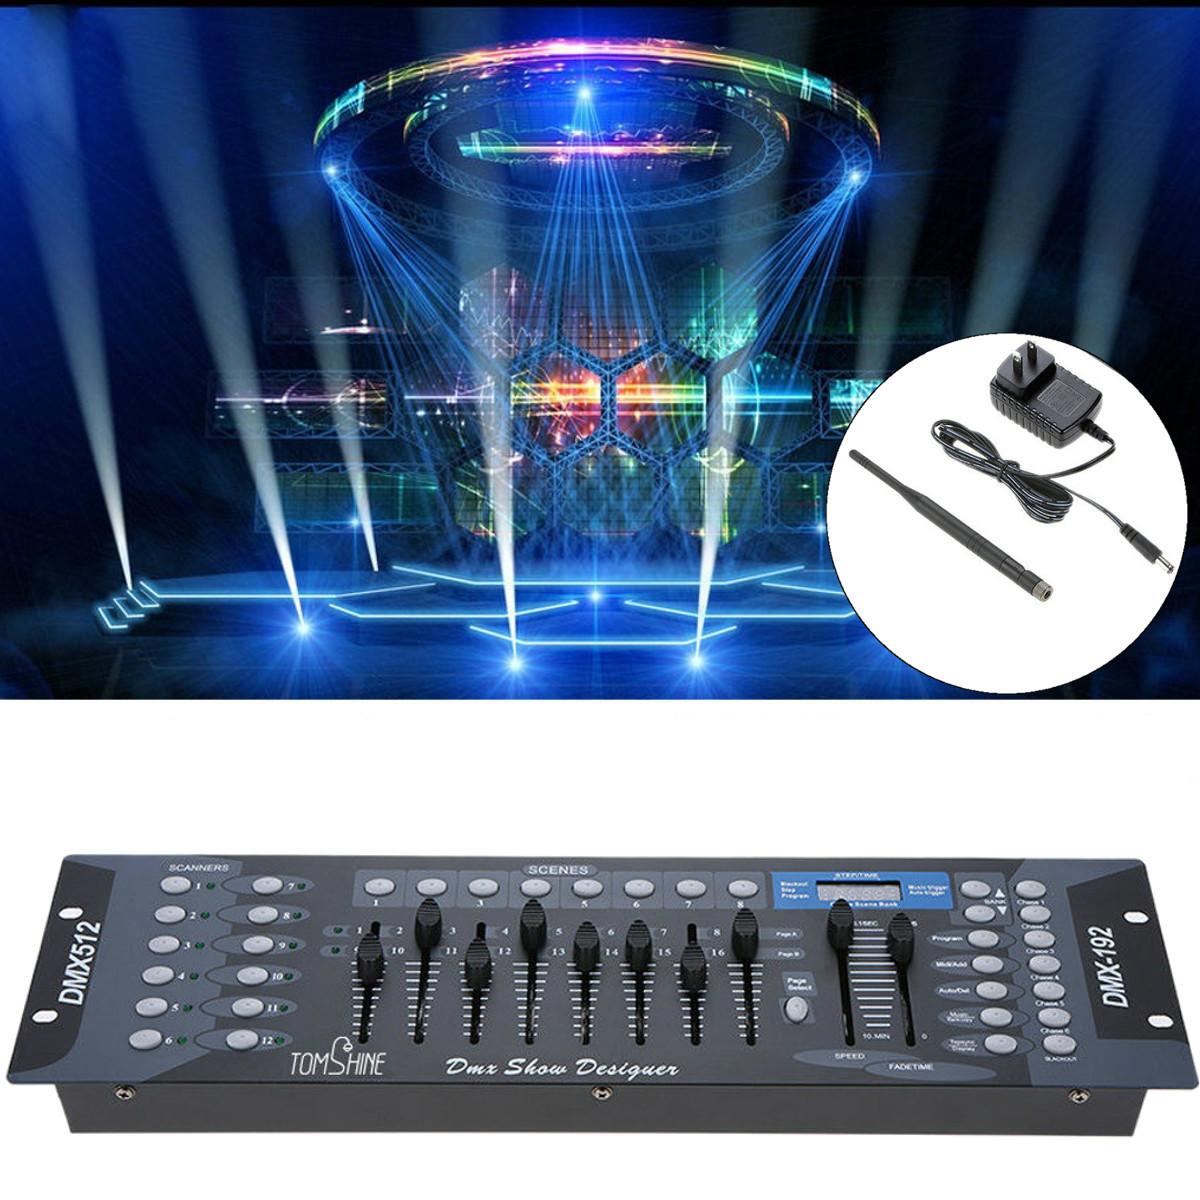 192 канала DMX512 Контроллер освещения Показать дизайнерскую консоль для освещения этапа US Plug - 1TopShop